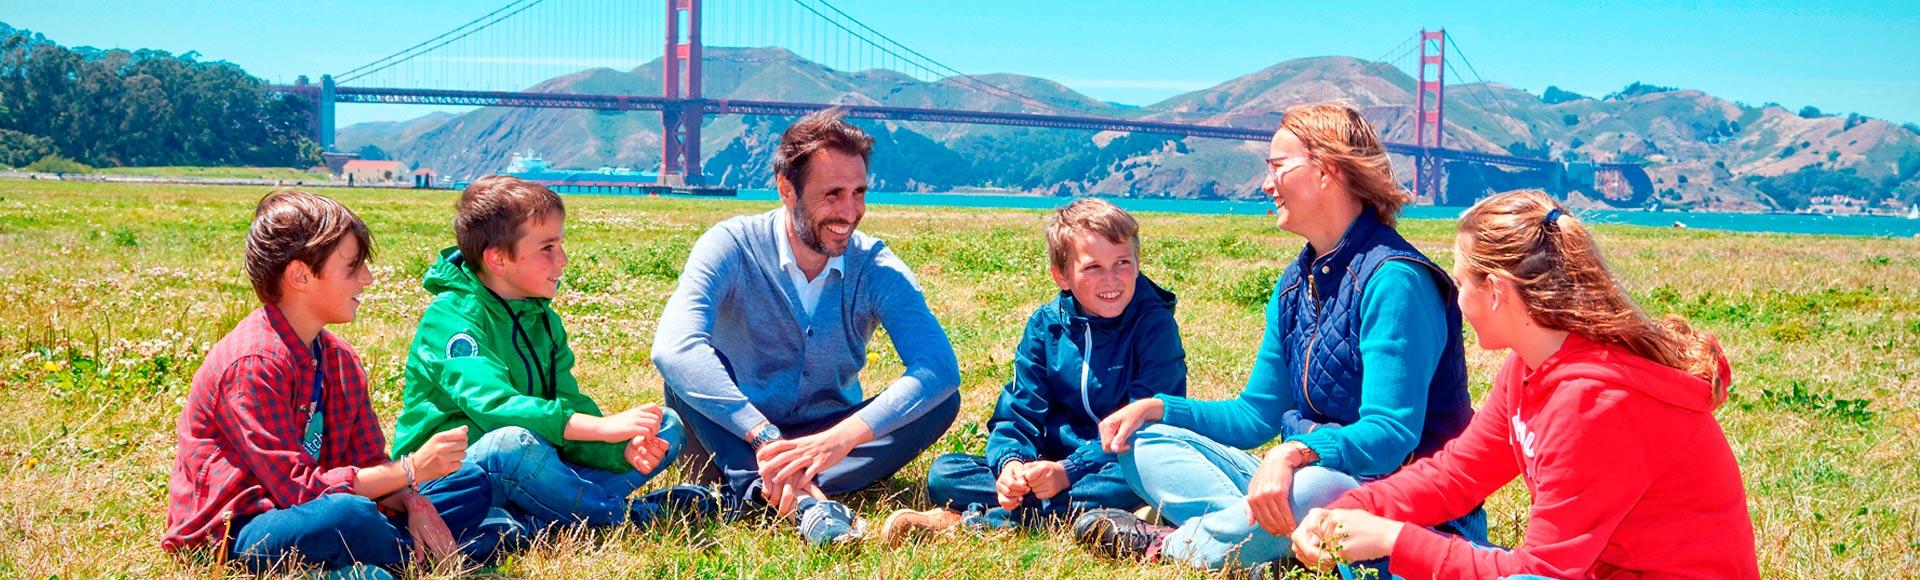 Programa de inglés para toda la familia en San Francisco